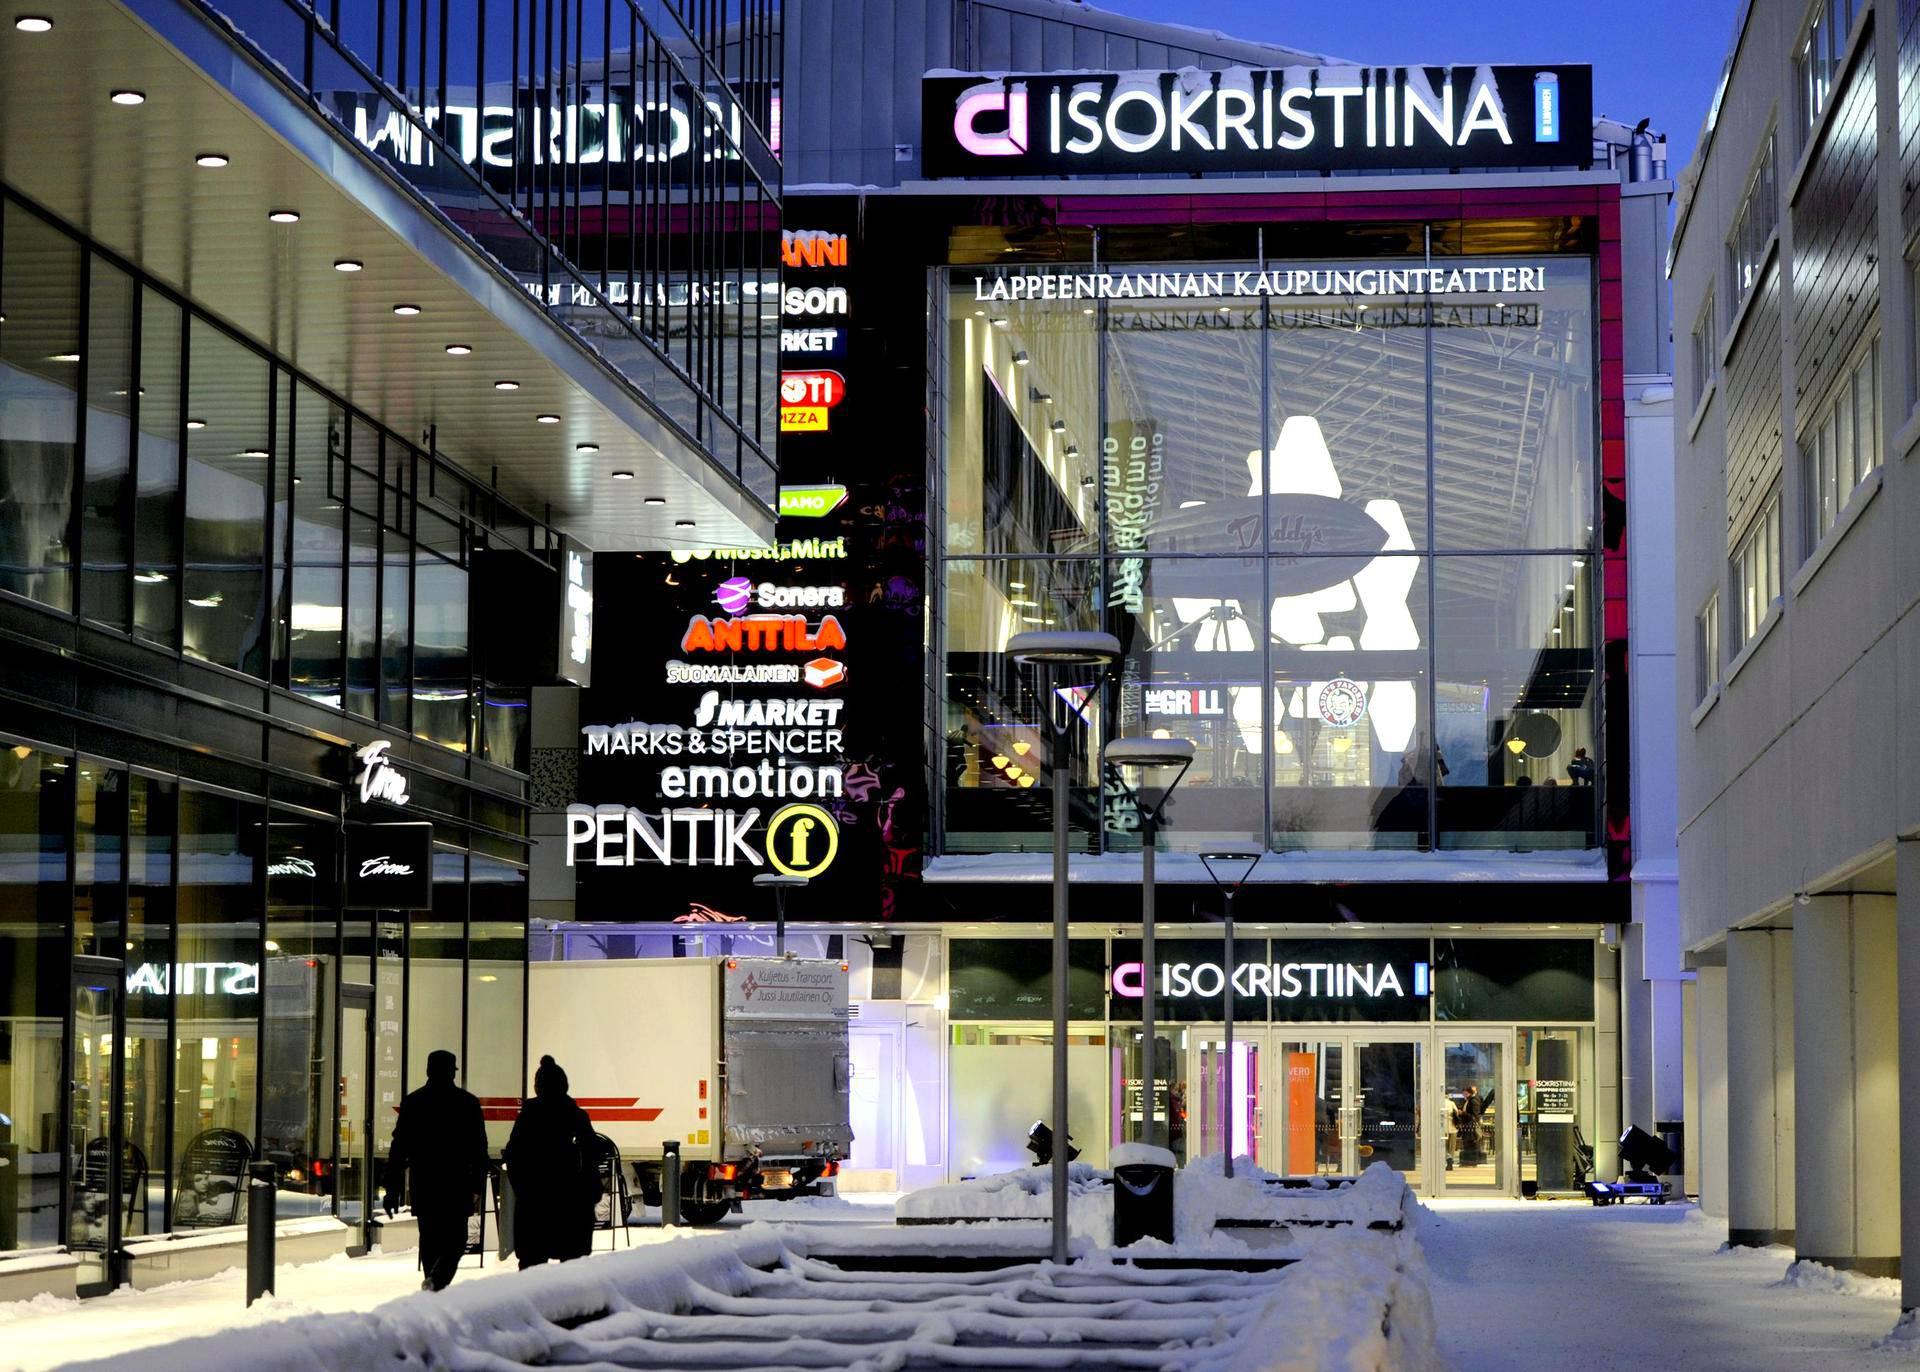 Lappeenrannan kaupunginteatteri löytyy nyt kauppakeskuksesta.